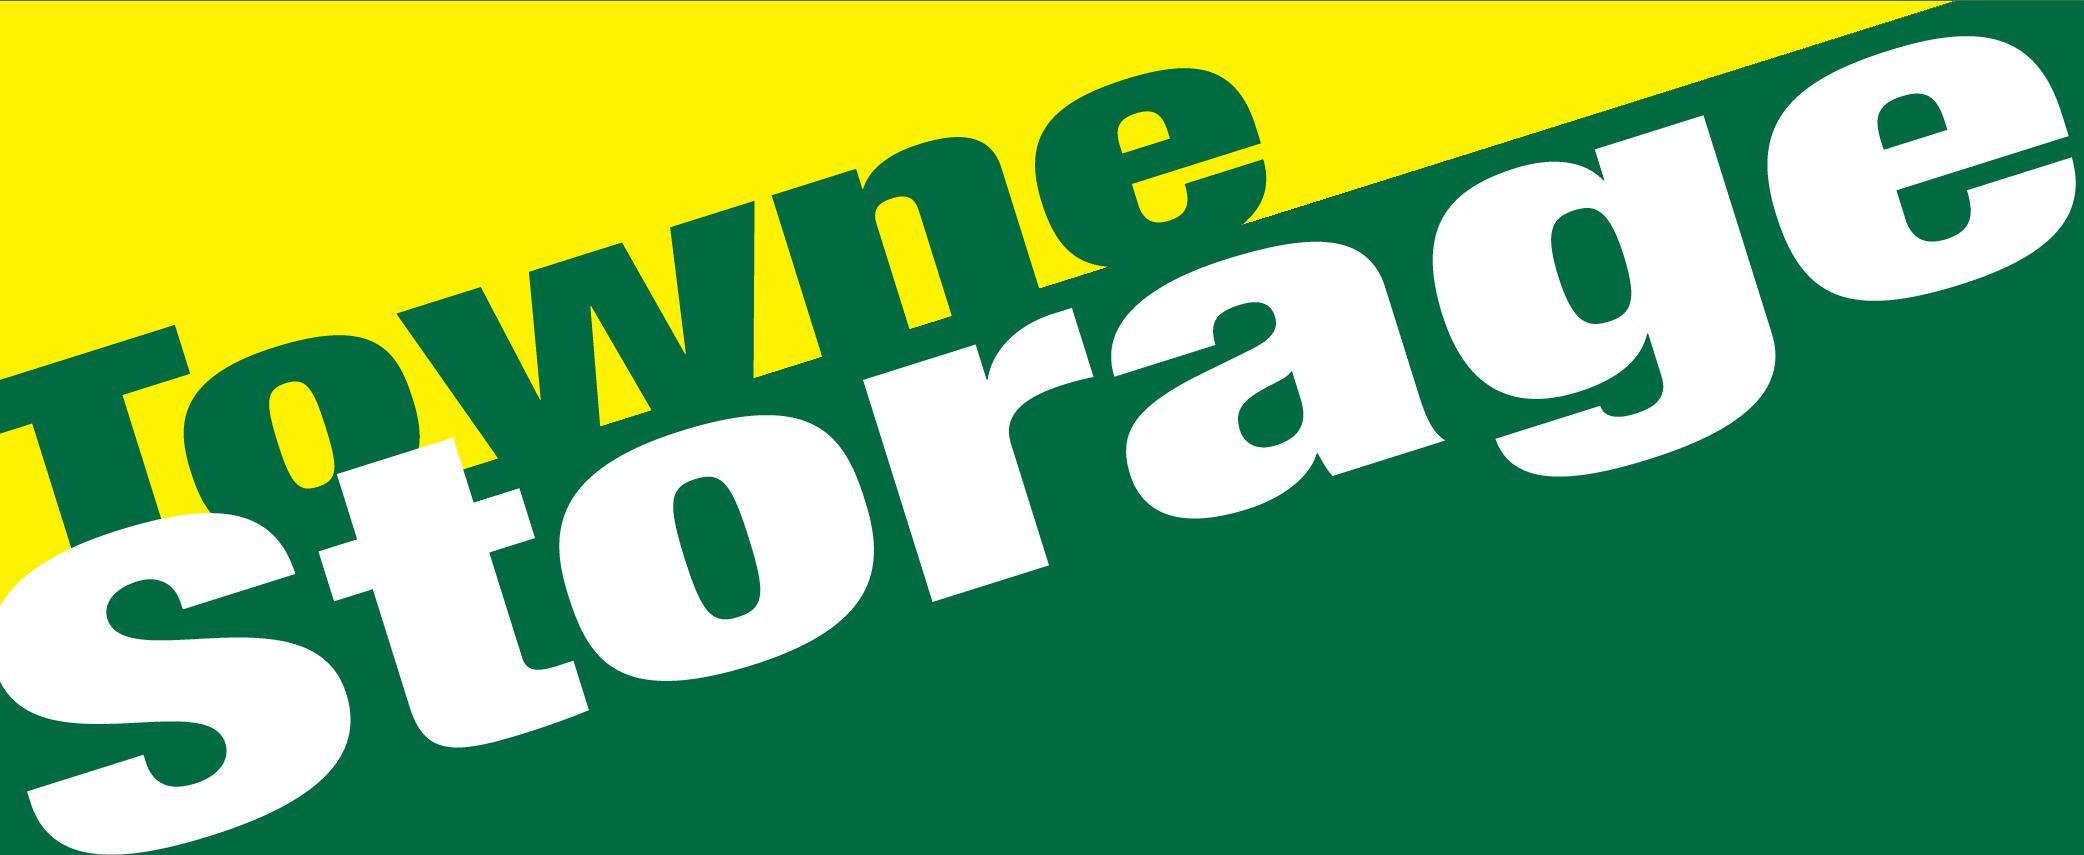 Towne Storage - West Valley logo